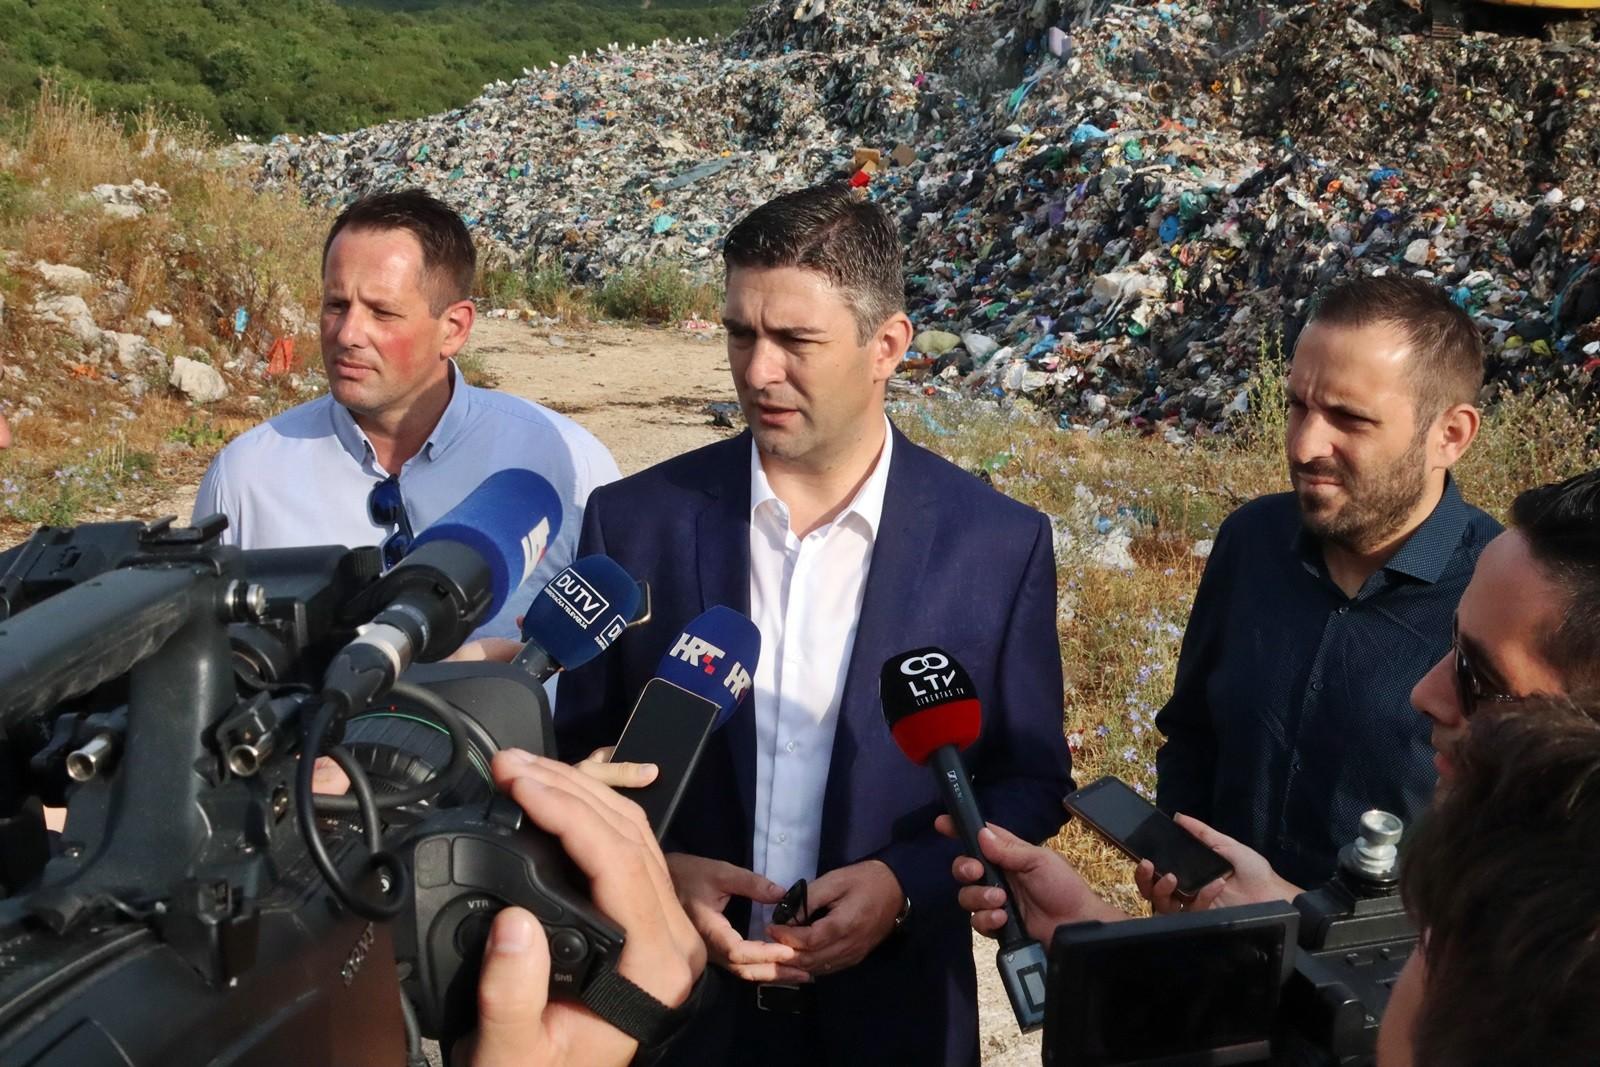 Započeli radovi na sanaciji odlagališta otpada Grabovica